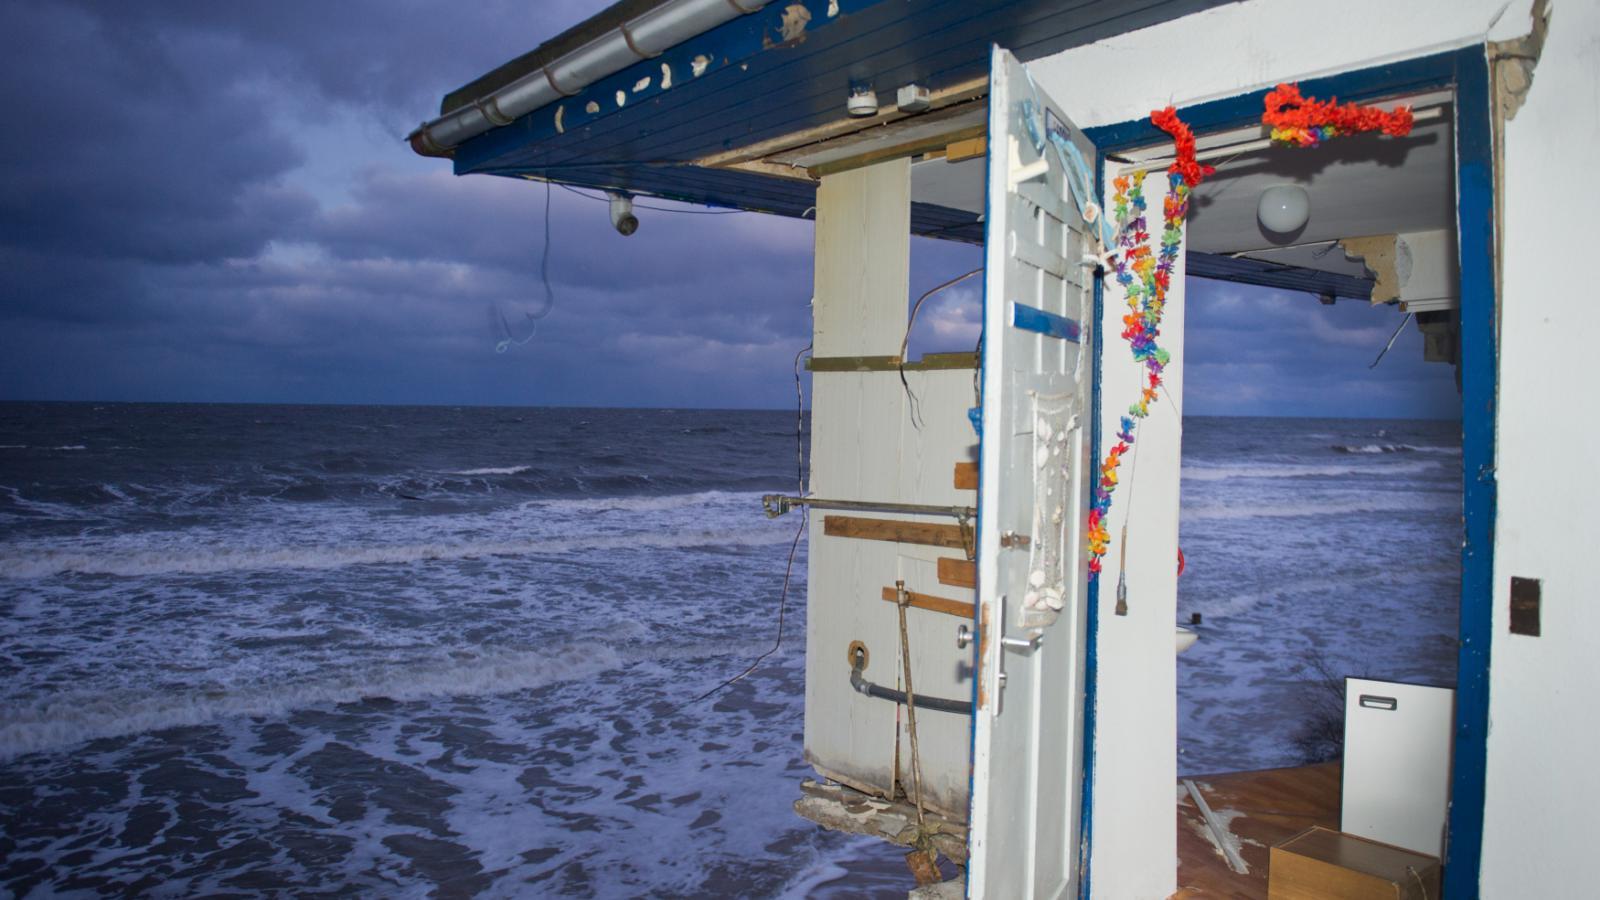 Po bouři. Zbytky stánku na pláži u města Zempin v Německu